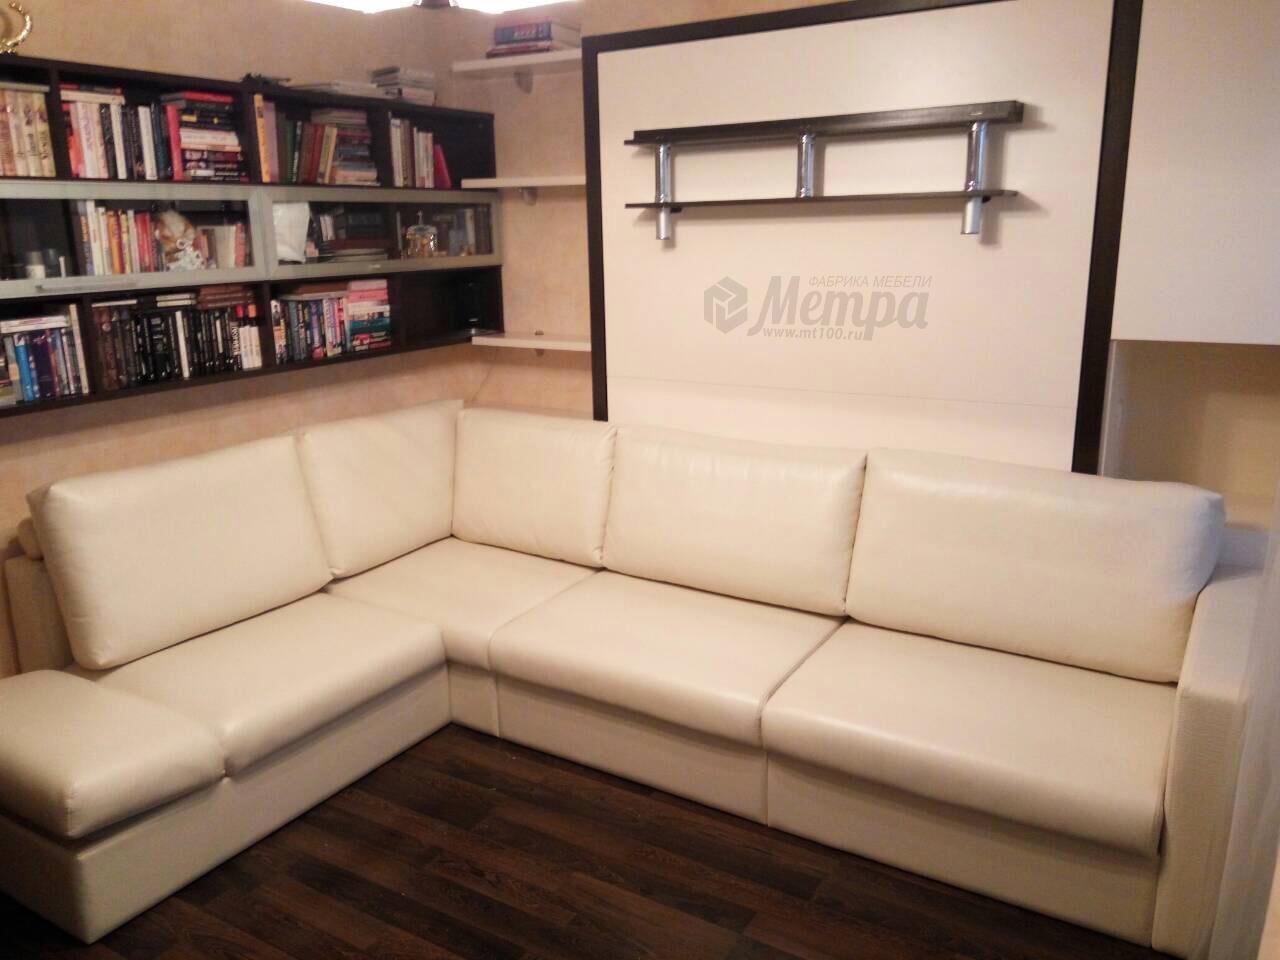 мебельная фабрика метра г москва шкаф кровать диван угловой